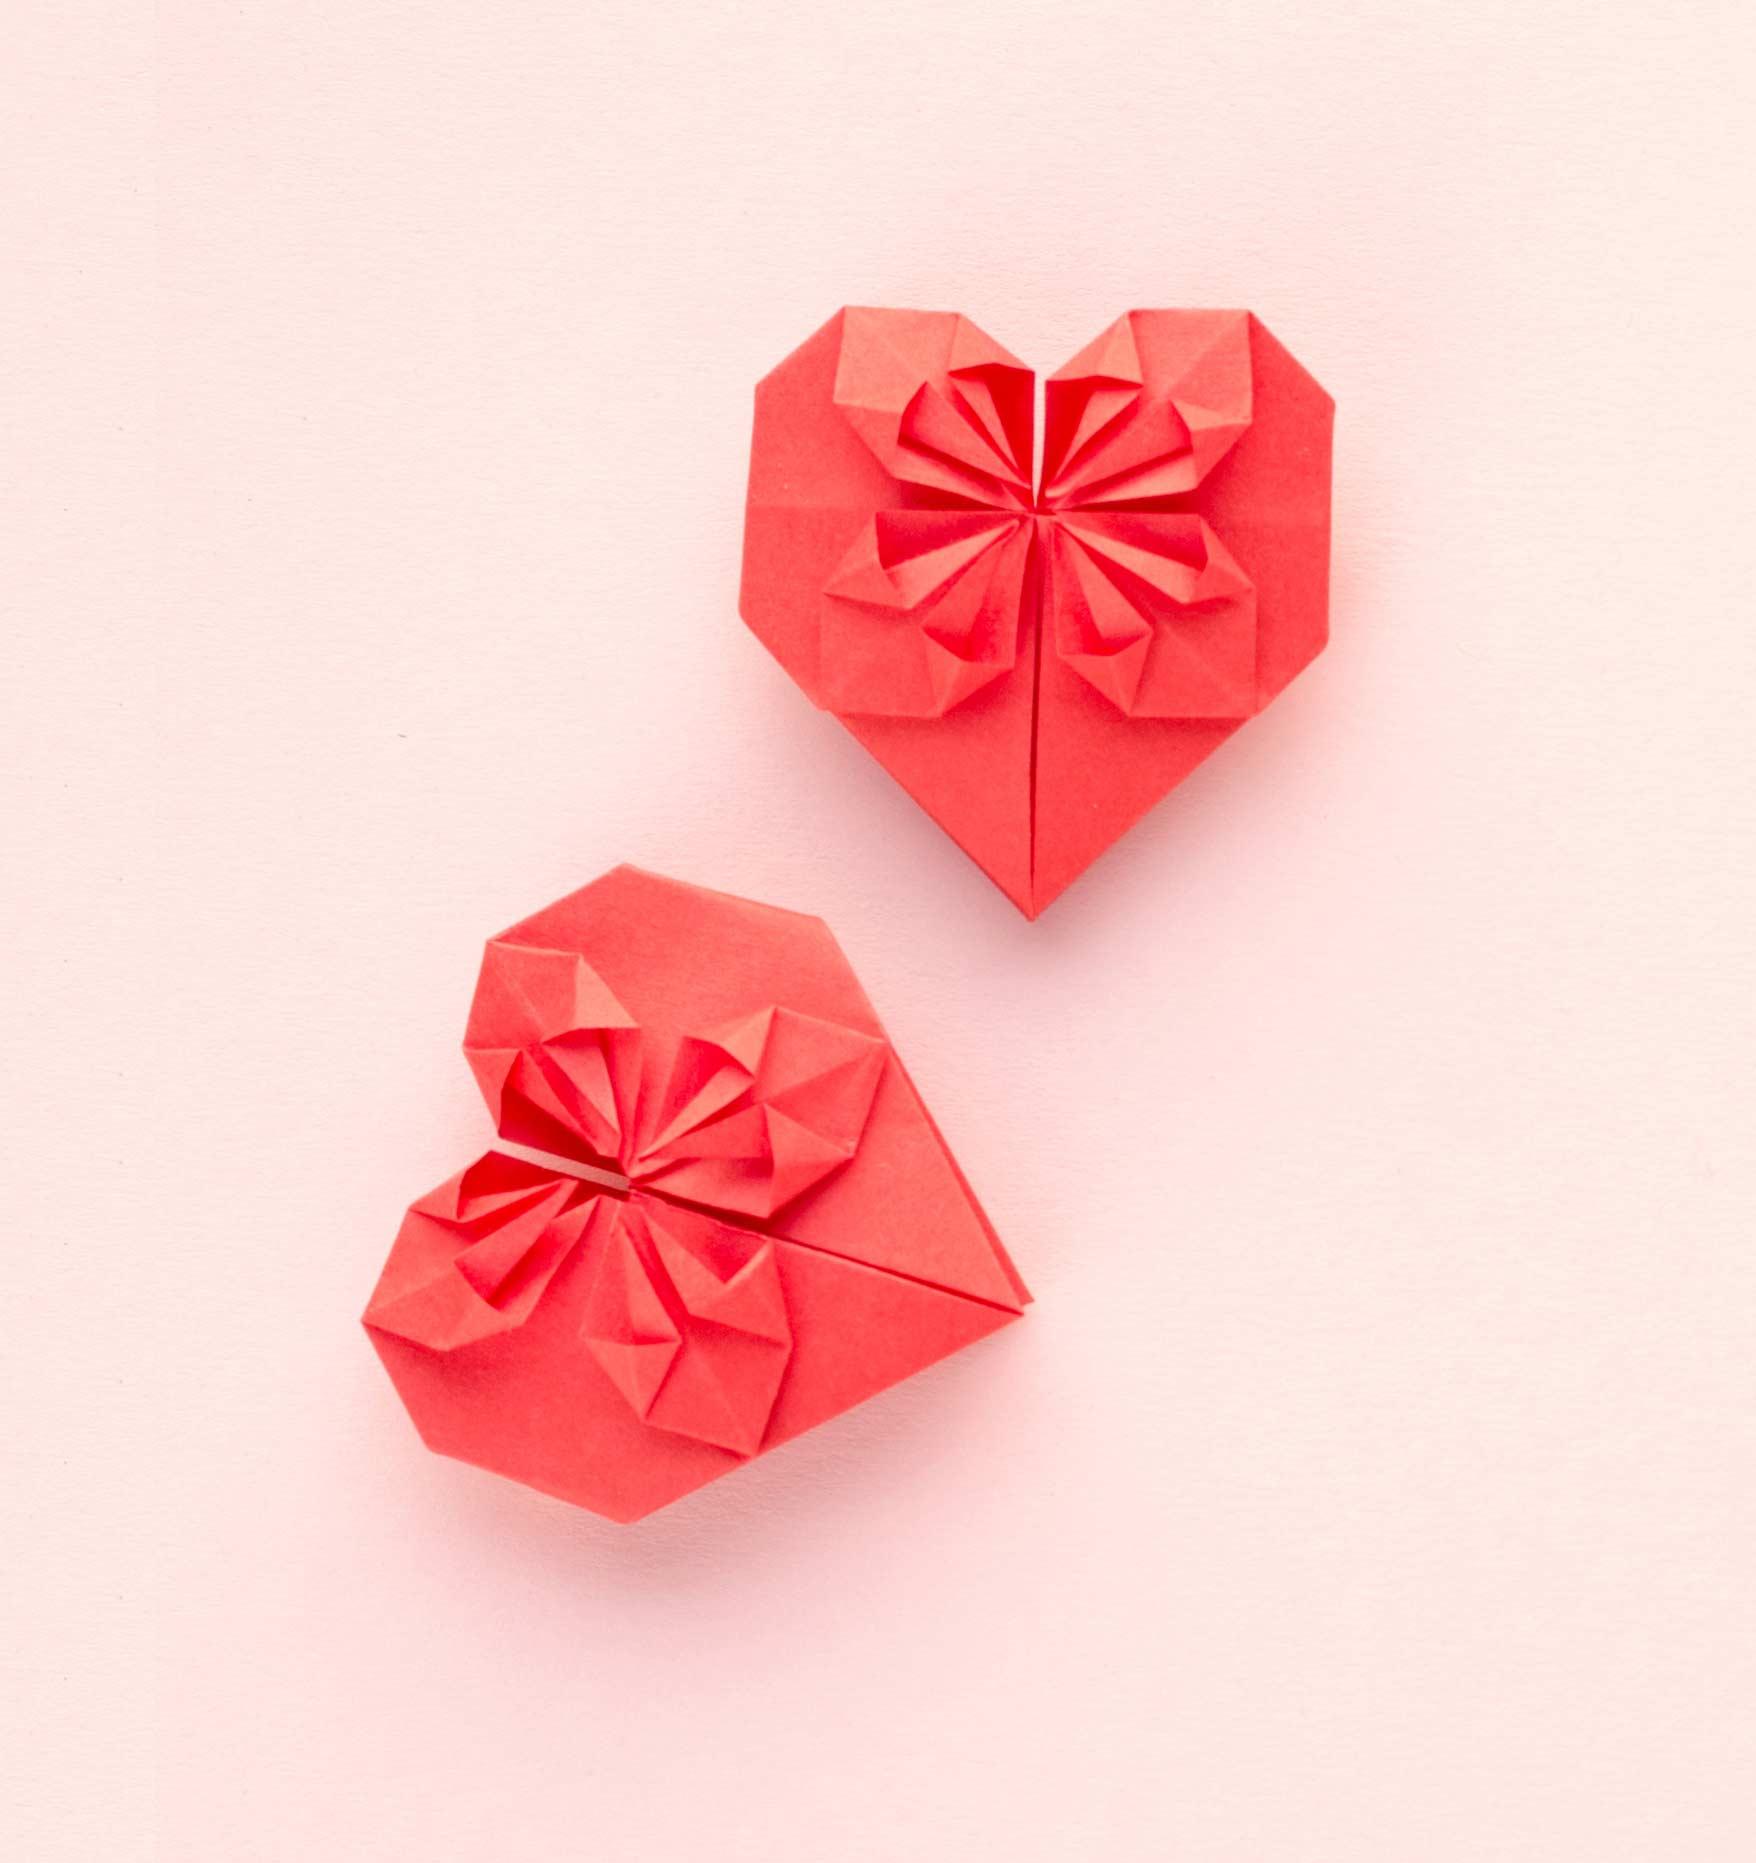 el fenómeno lovebrand, amor incondicional por una marca